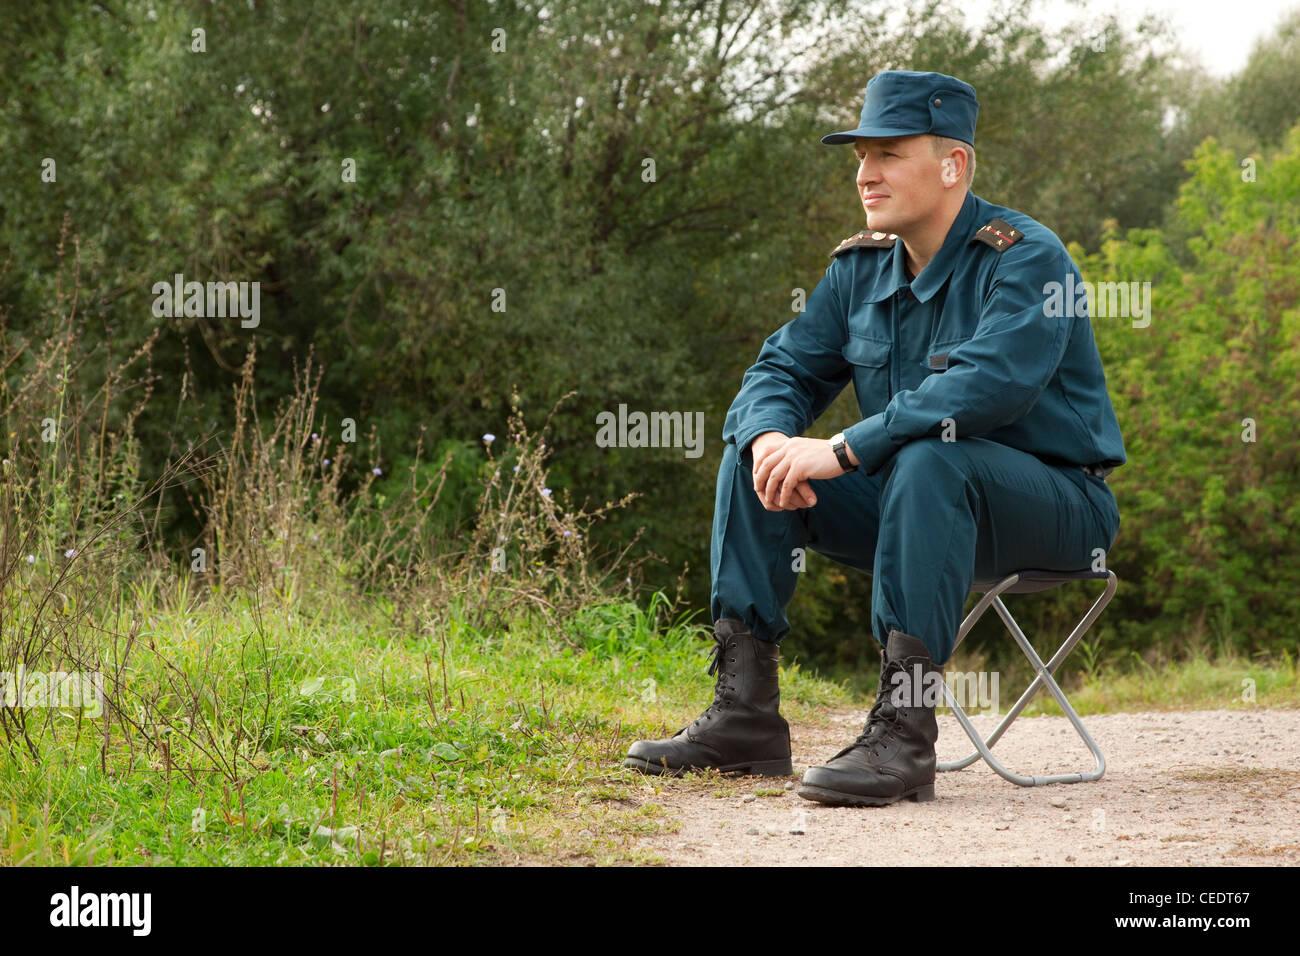 militärische Mann sitzt auf dem Camp-Stuhl im freien Stockbild